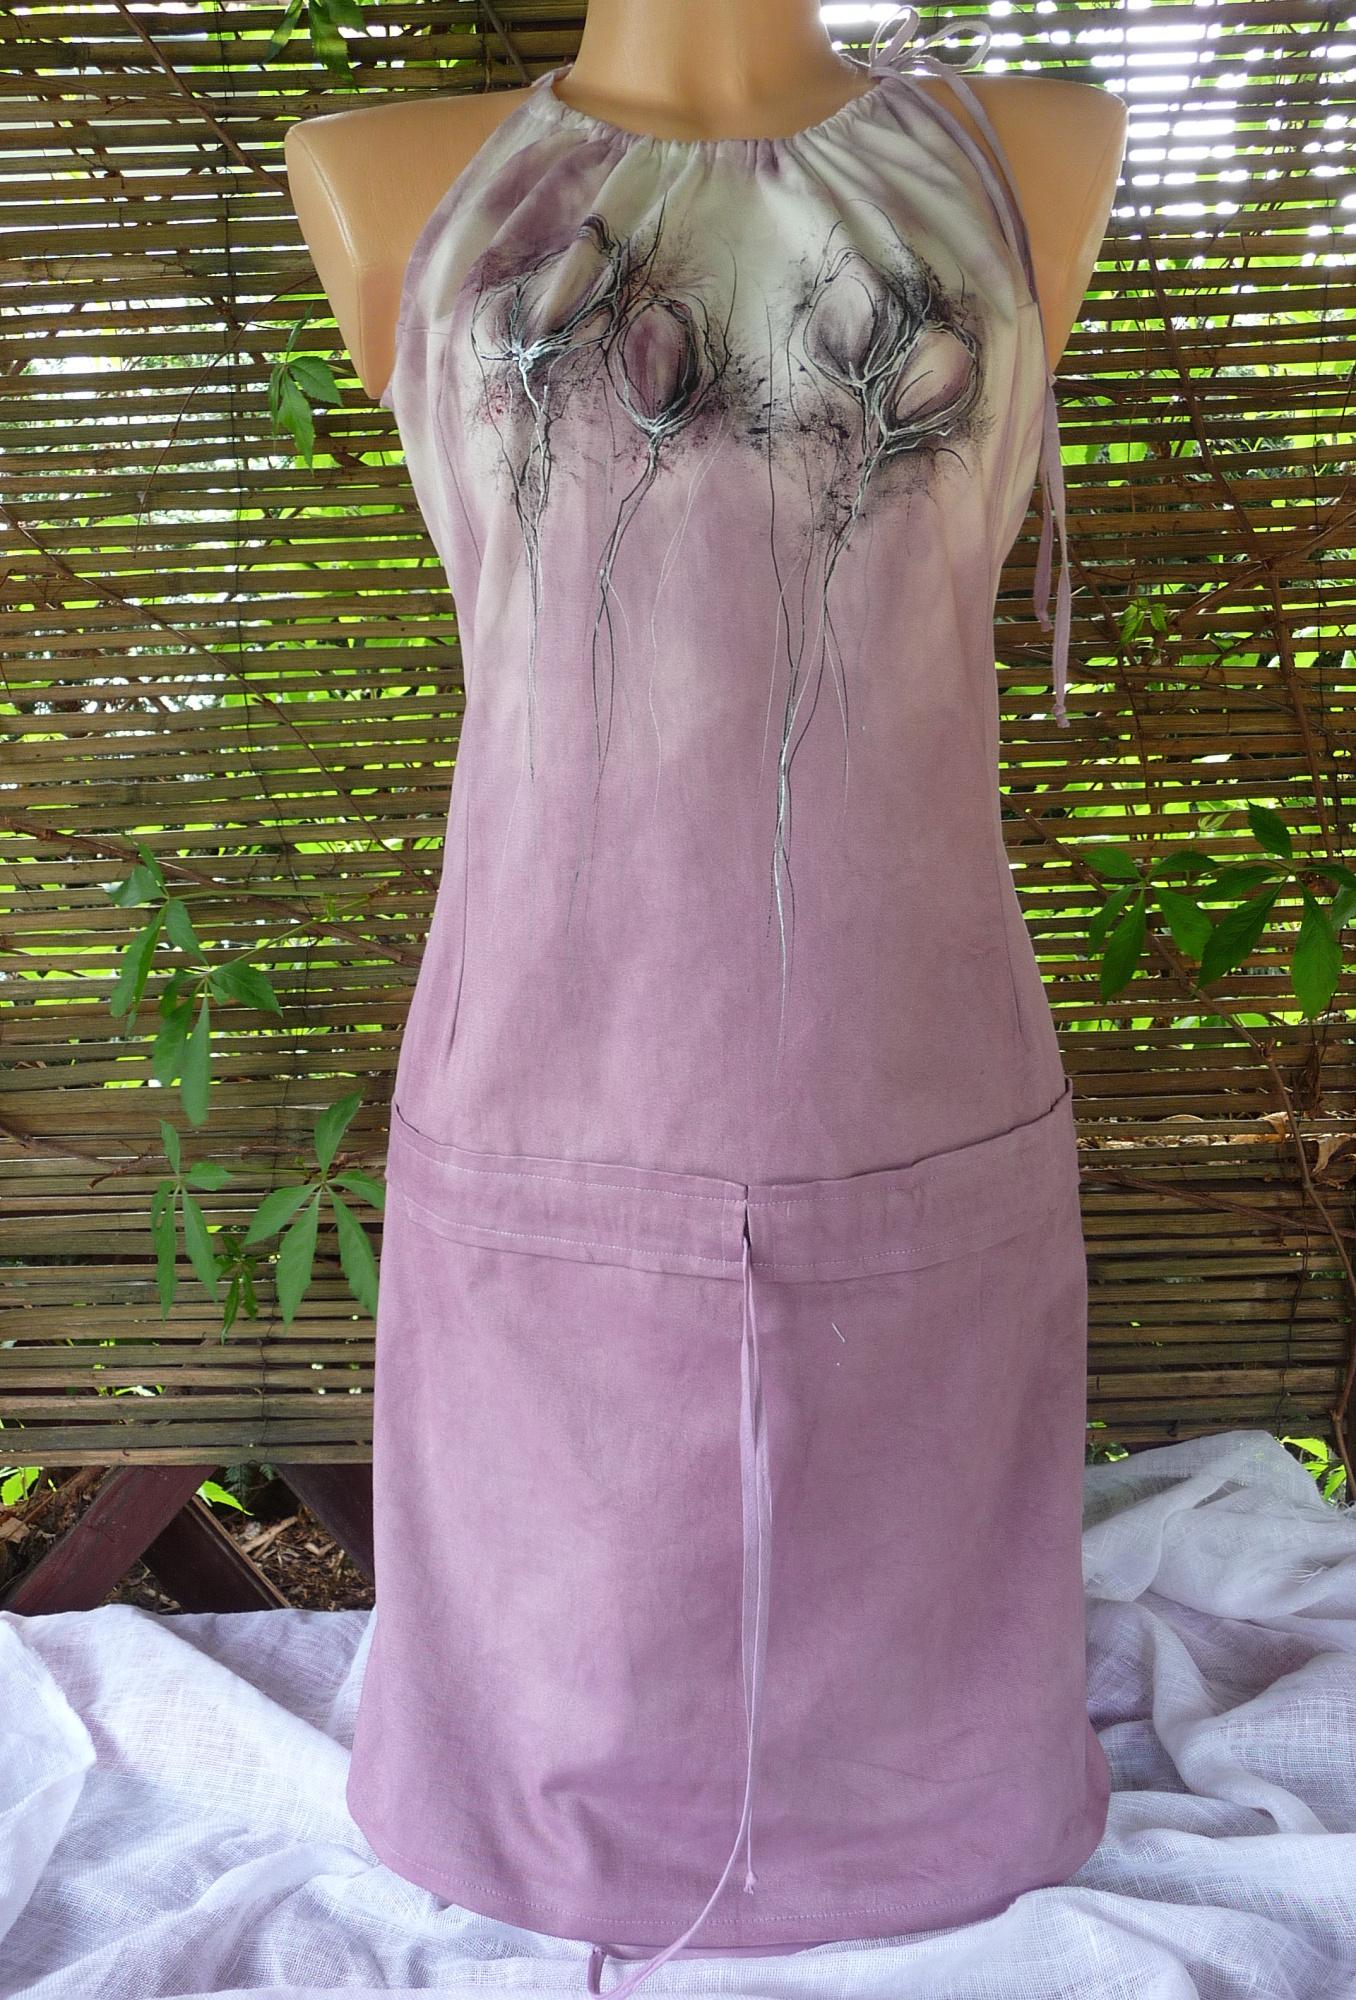 Kordulky elastické šaty 42 44   Zboží prodejce Kristýnek  caef117cfc